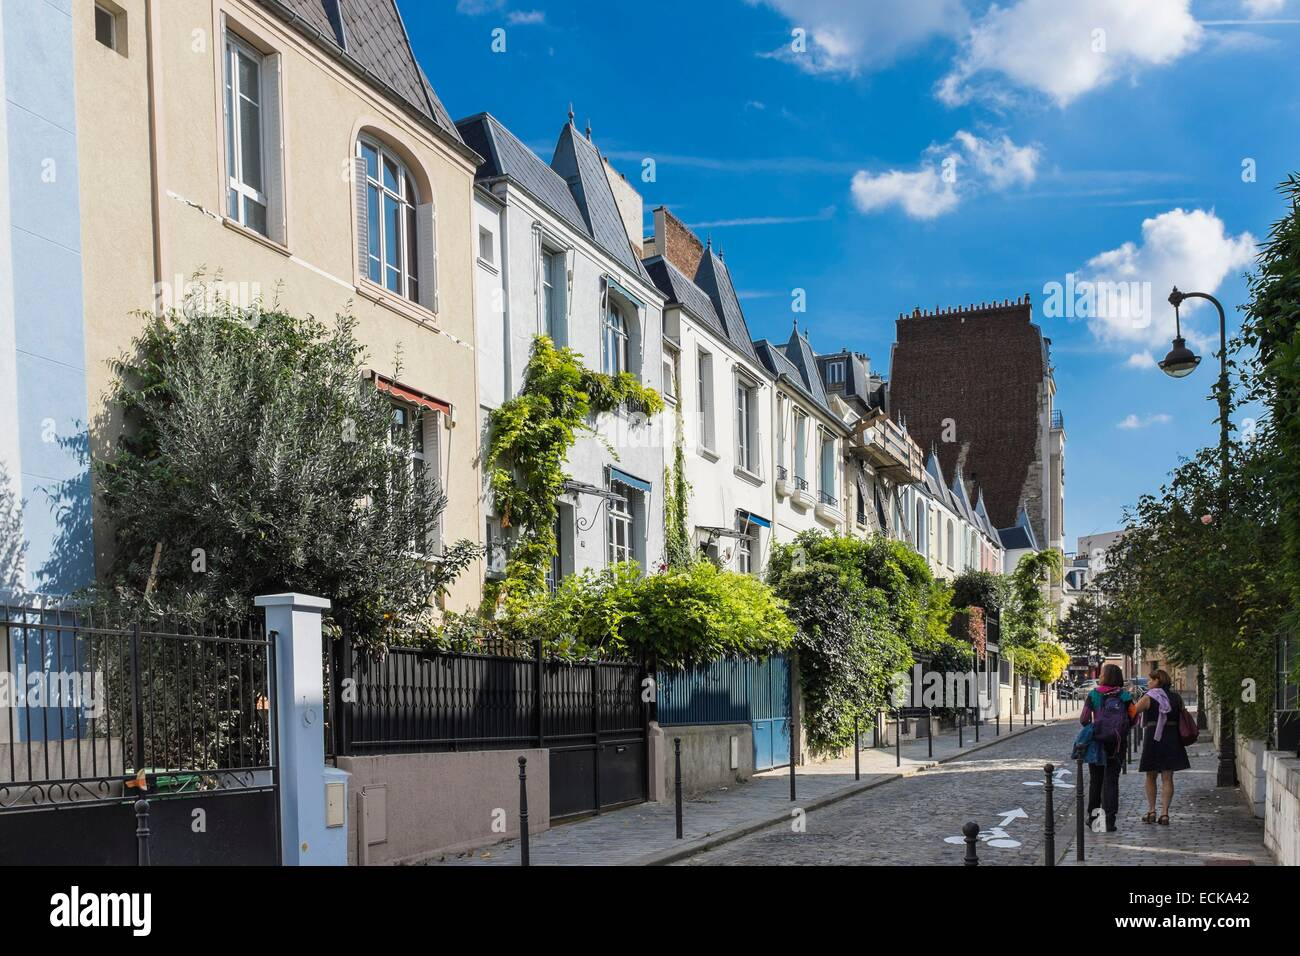 France Paris Maison Blanche Districtulafoy Street